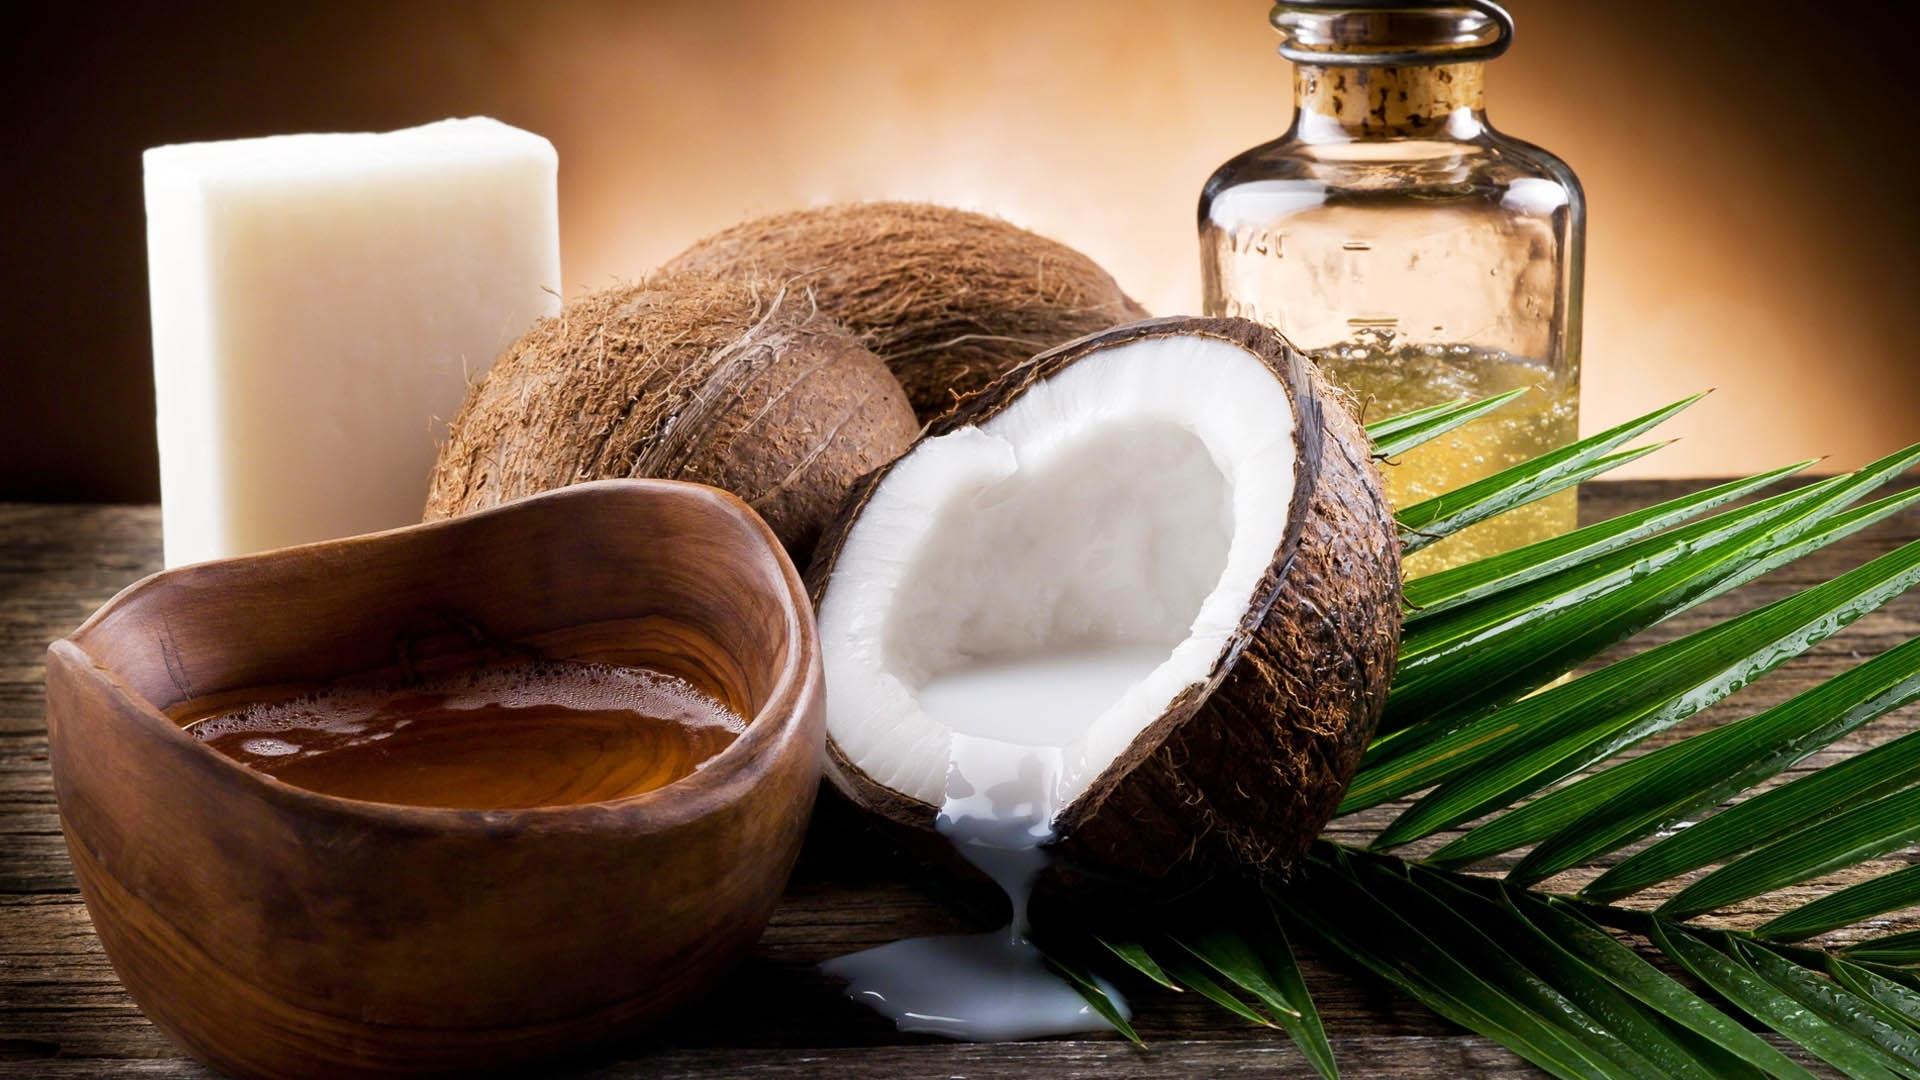 Кокосовое масло для лица: советы по применению - фото №1